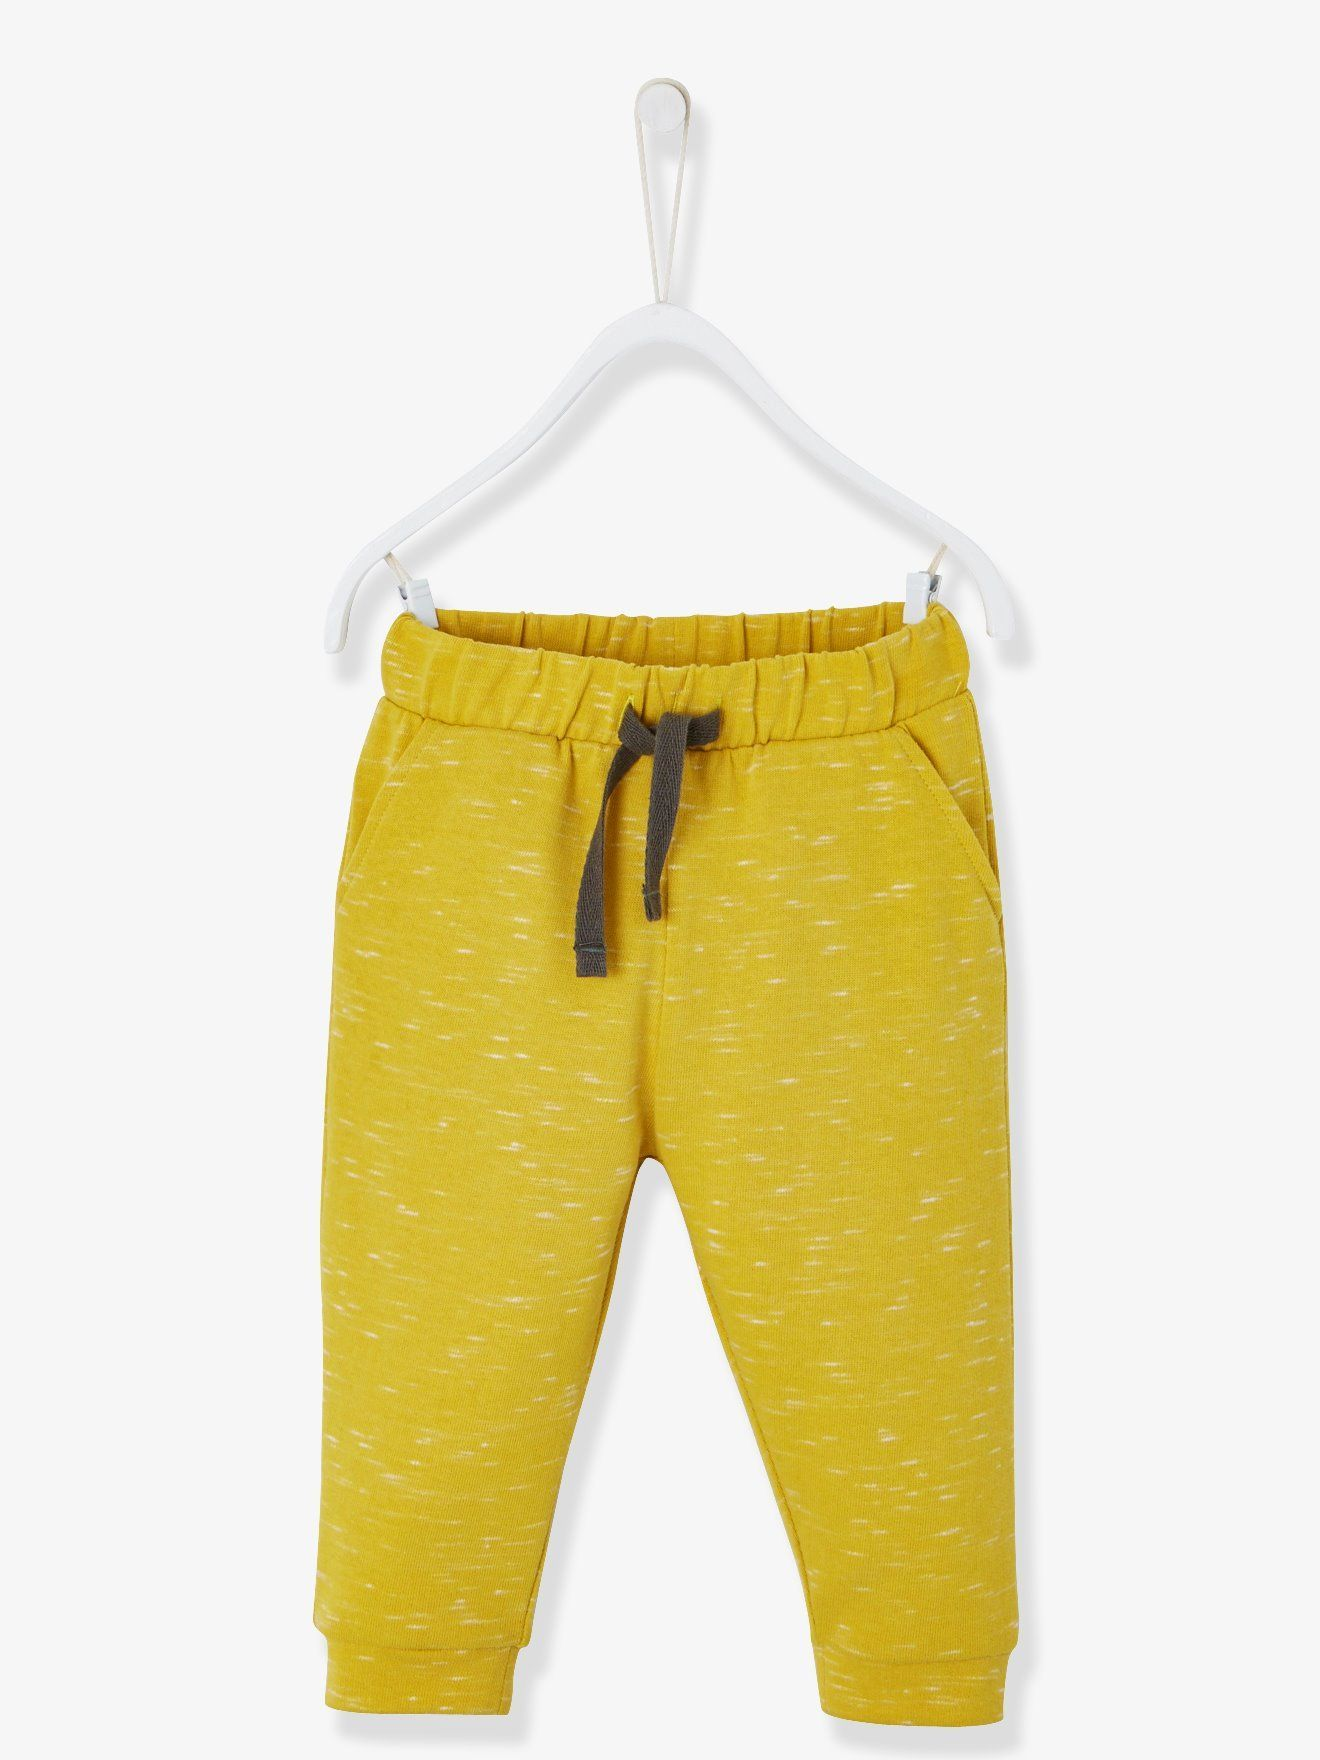 36fdc0fd5de4a Pantalon bébé garçon en molleton effet rayé jaune chiné - Super  confortable